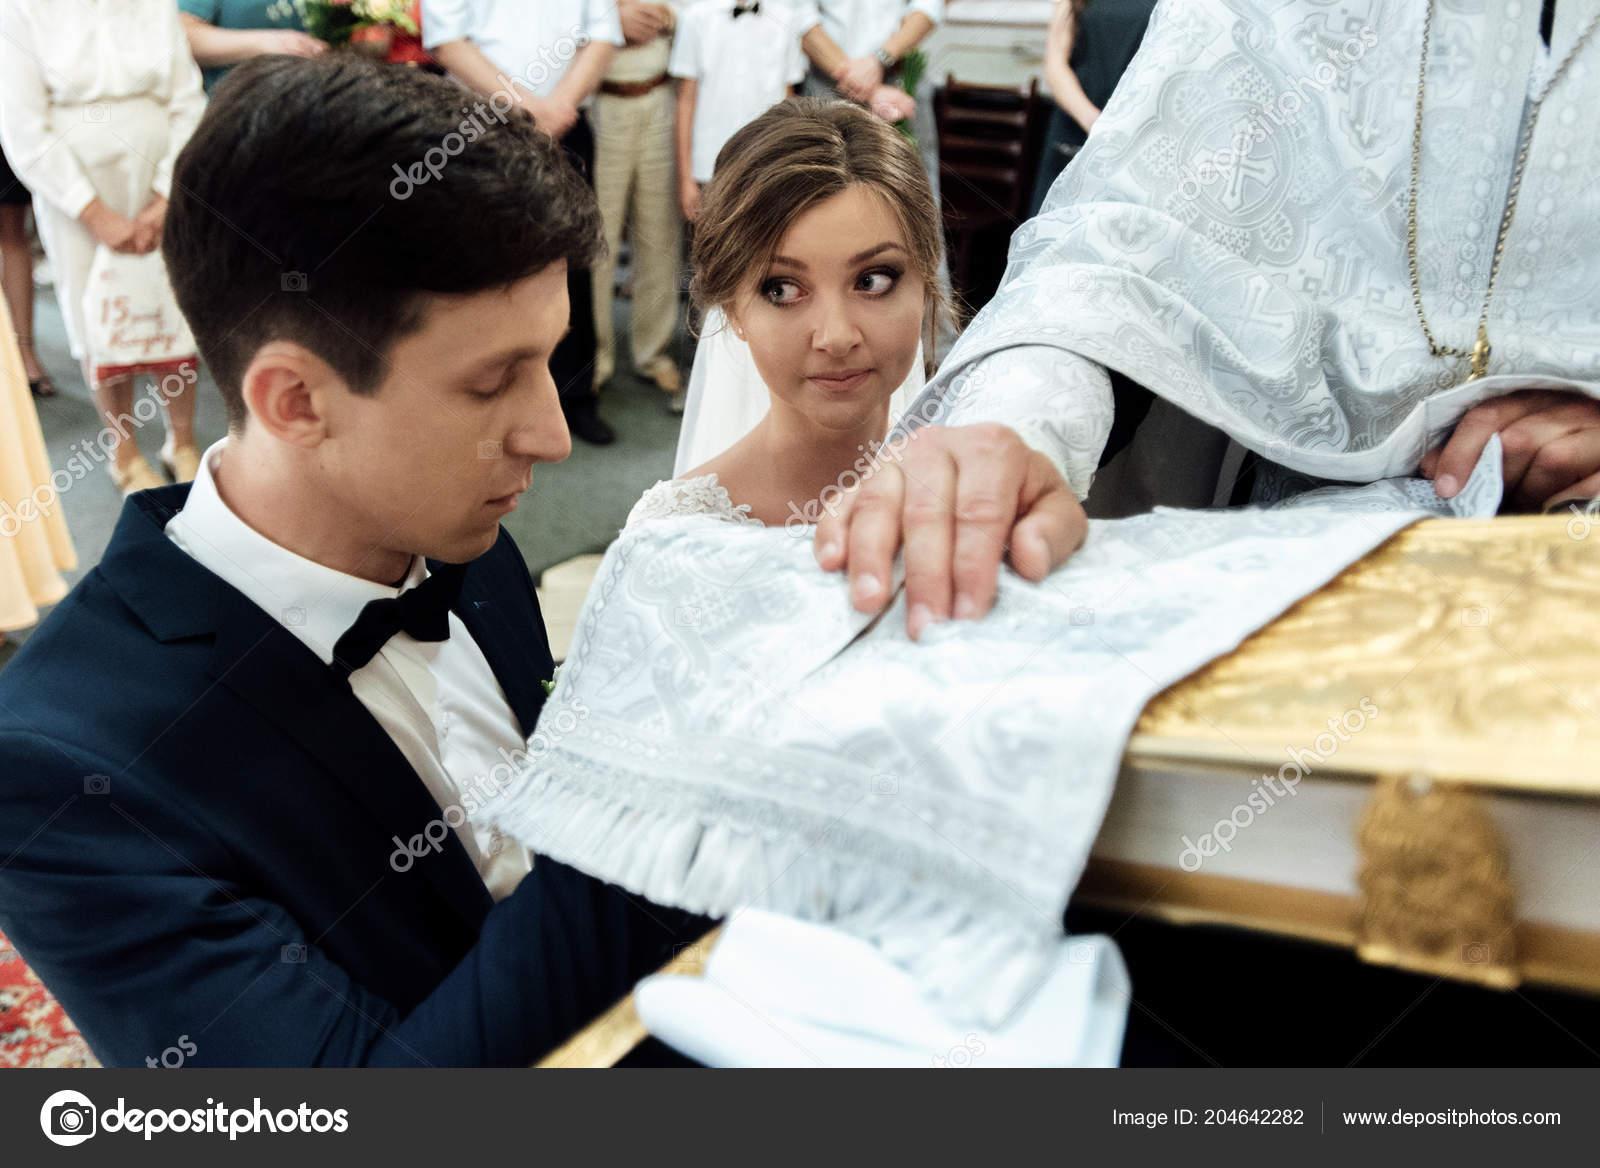 91e3e590d Madrina Lujo Elegante Novio Hacer Juramentos Ceremonia Boda Emocional —  Foto de Stock